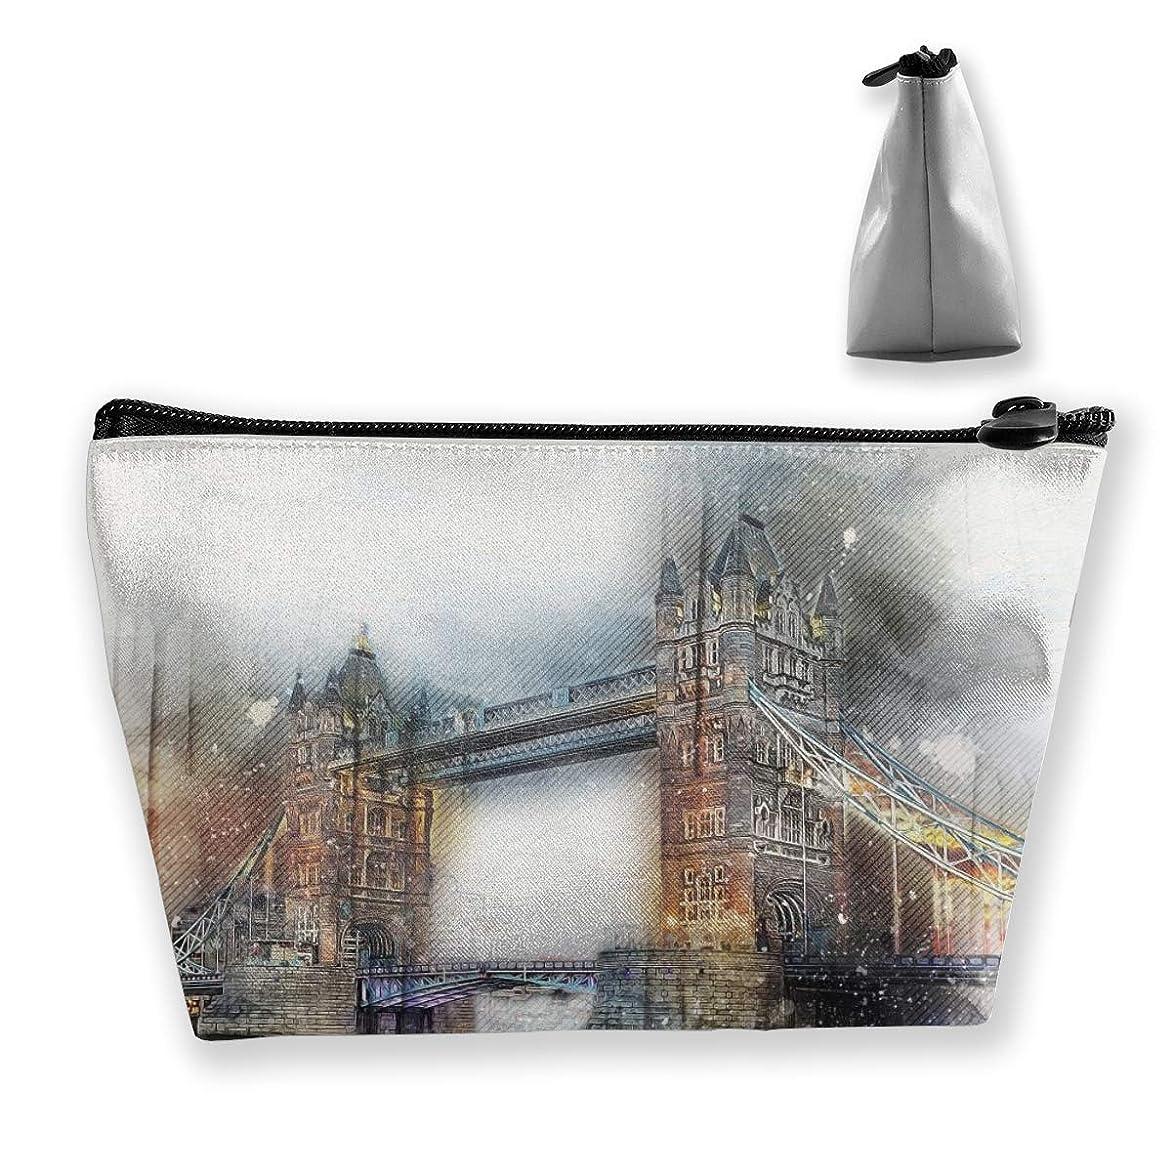 インフレーション大工ウサギSzsgqkj ウェストミンスターブリッジ、ロンドン 化粧品袋の携帯用旅行構造の袋の洗面用品の主催者